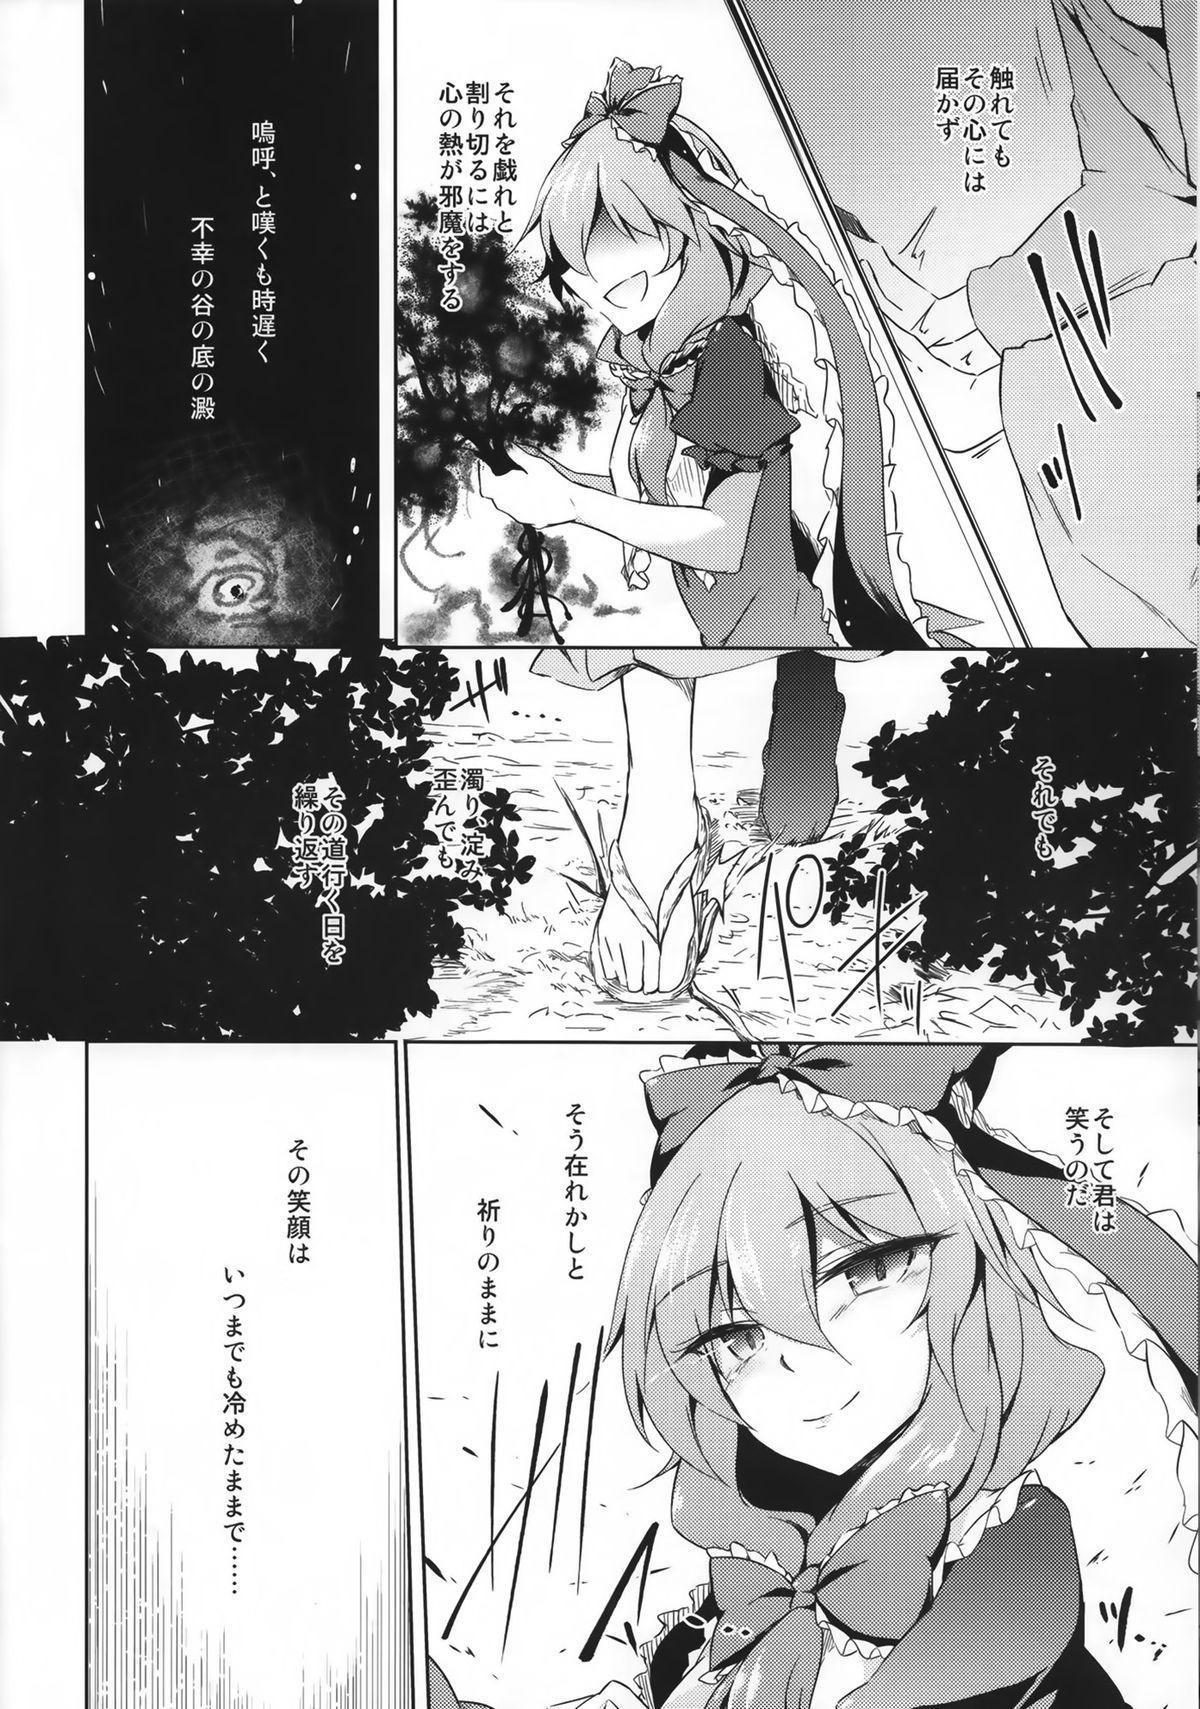 *Chuui* Horeru to Yakui kara 21